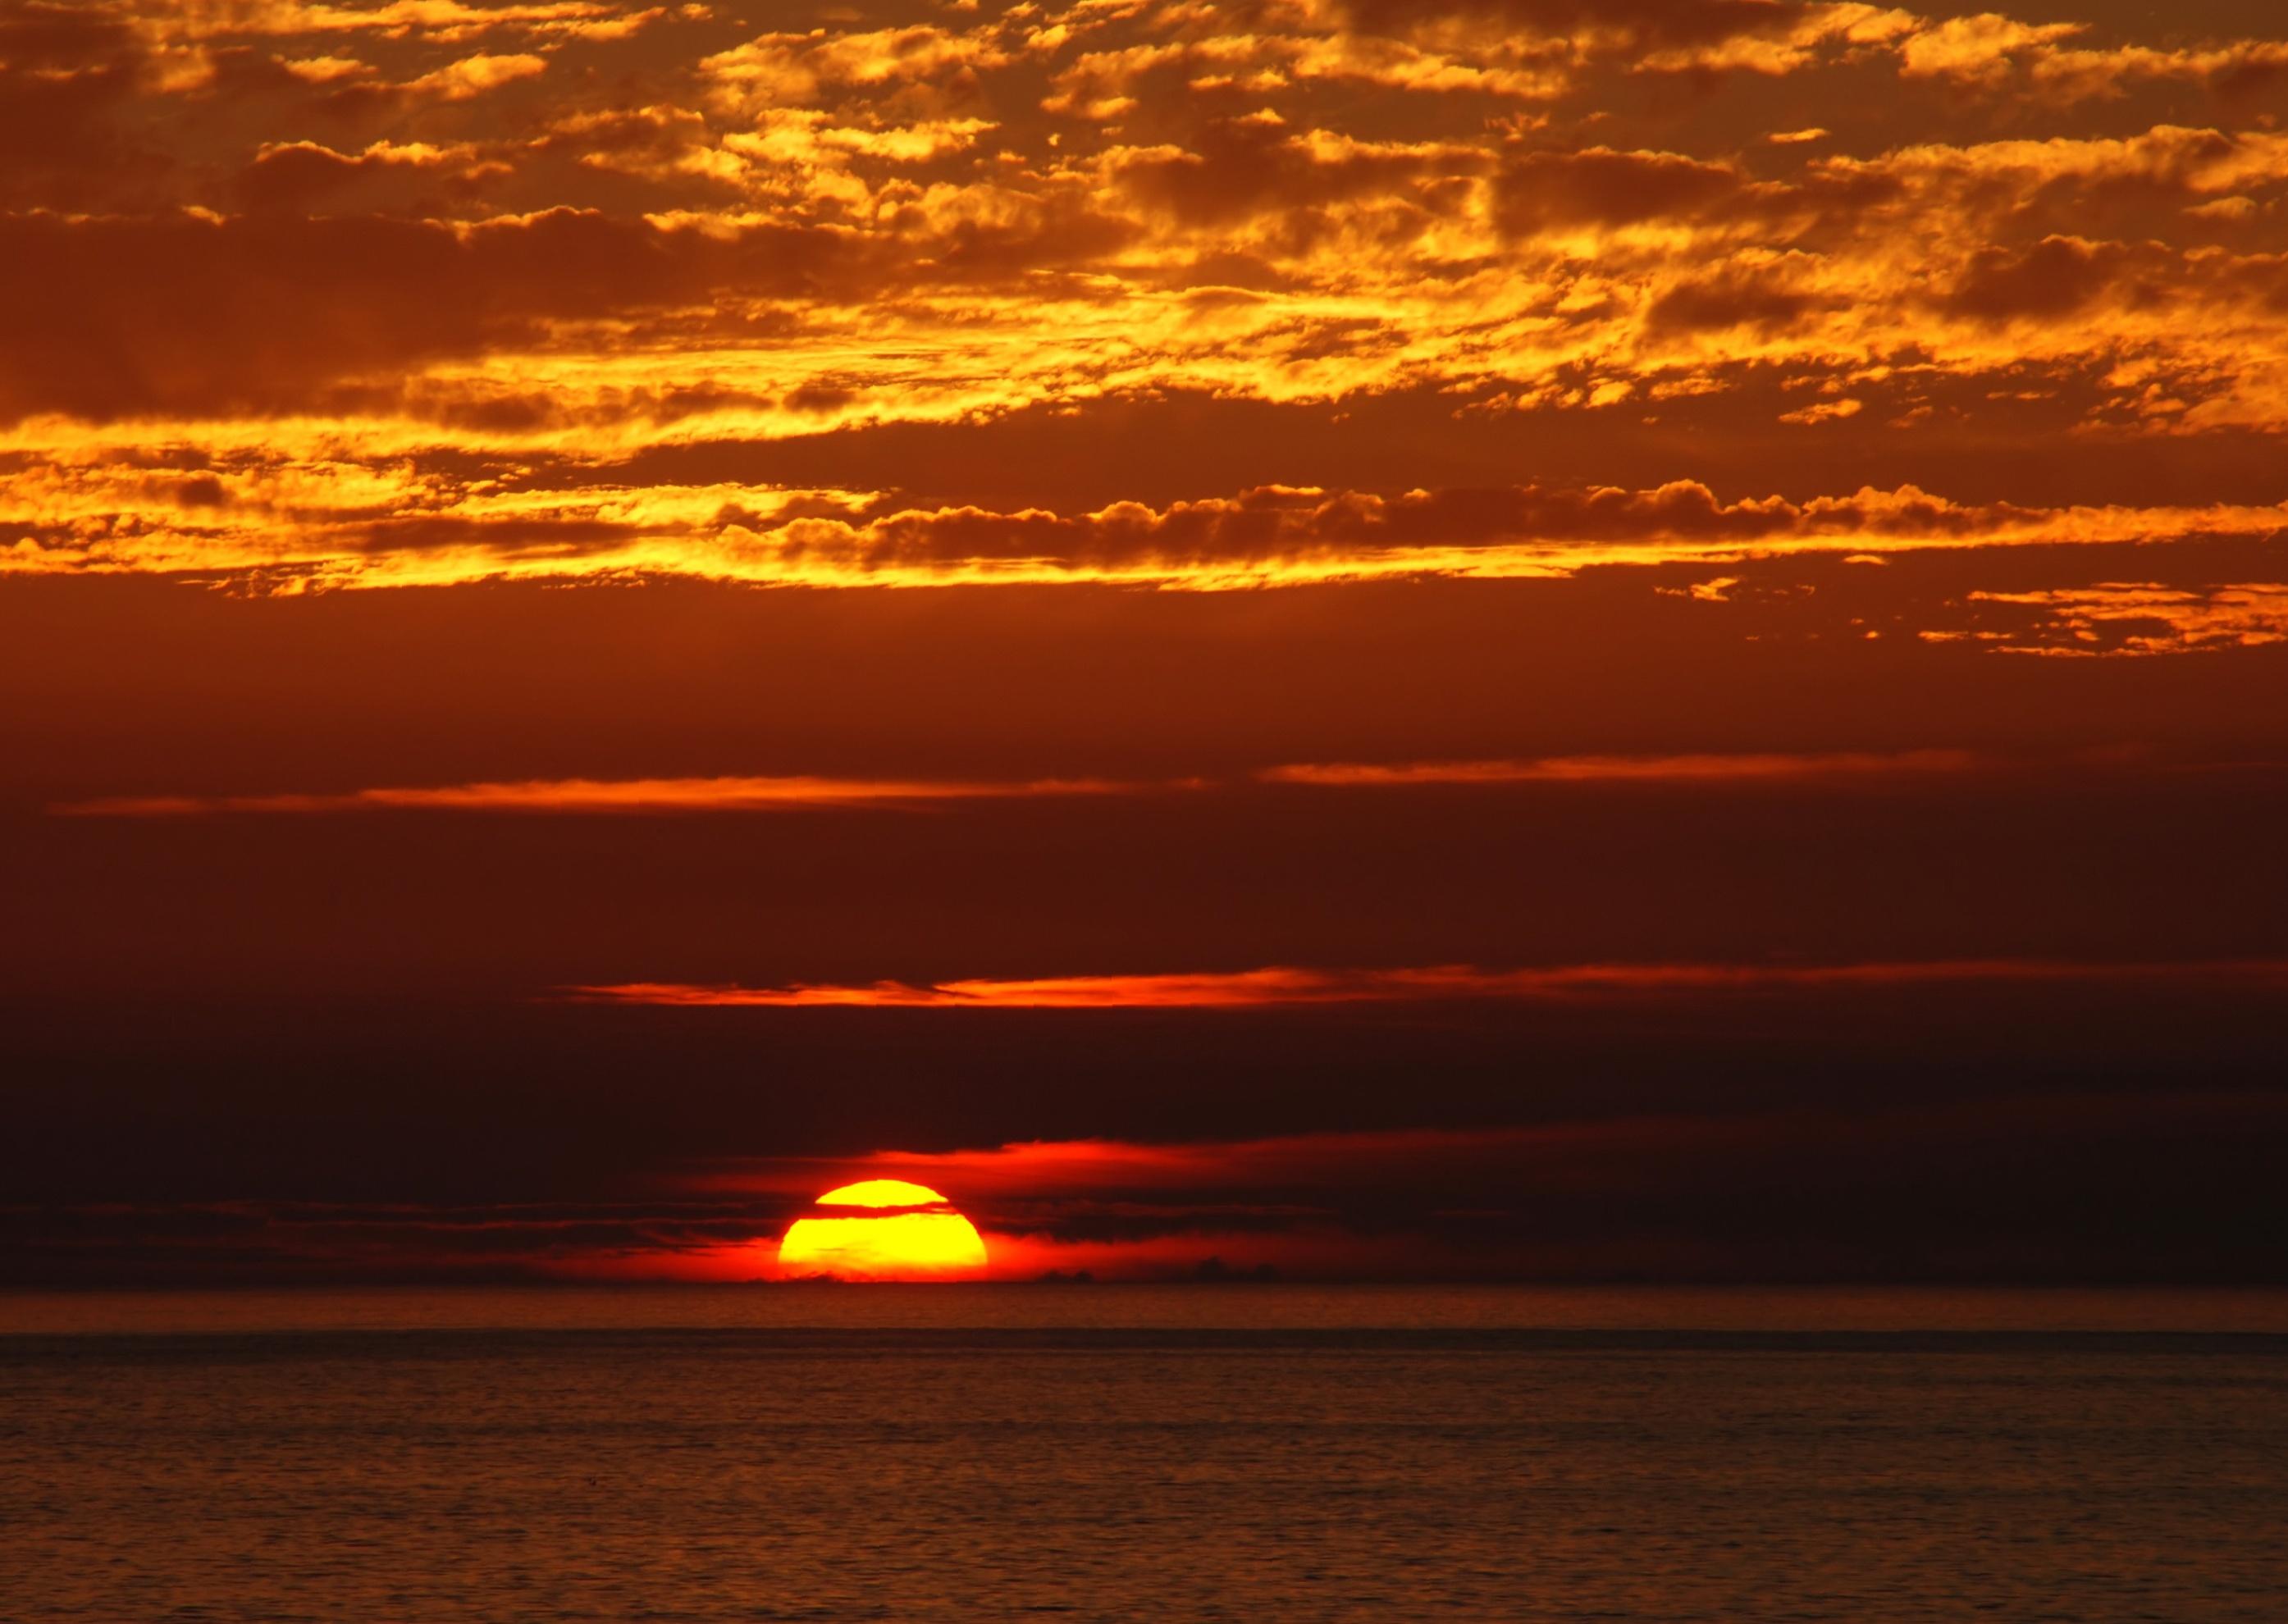 صور صور غروب الشمس , صوره لا اكثر منظر طبيعي جدا